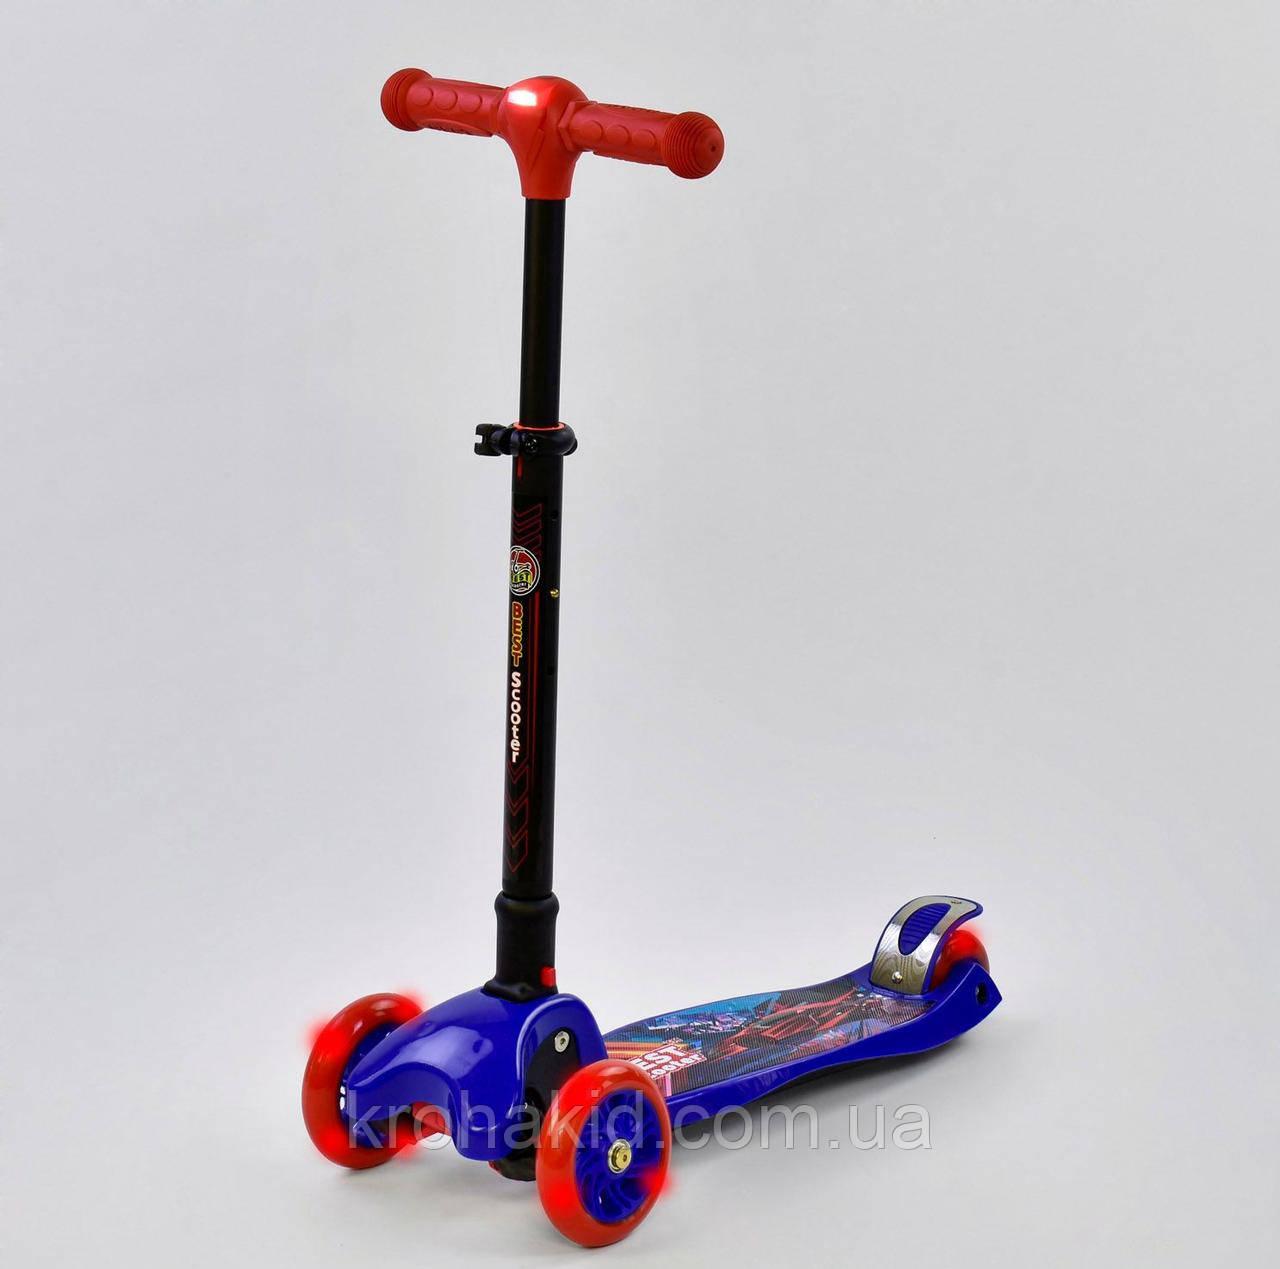 Самокат С 38300 Best Scooter СКЛАДНОЙ С ФАРОЙ, 4 колеса PU со светом, d=12 см